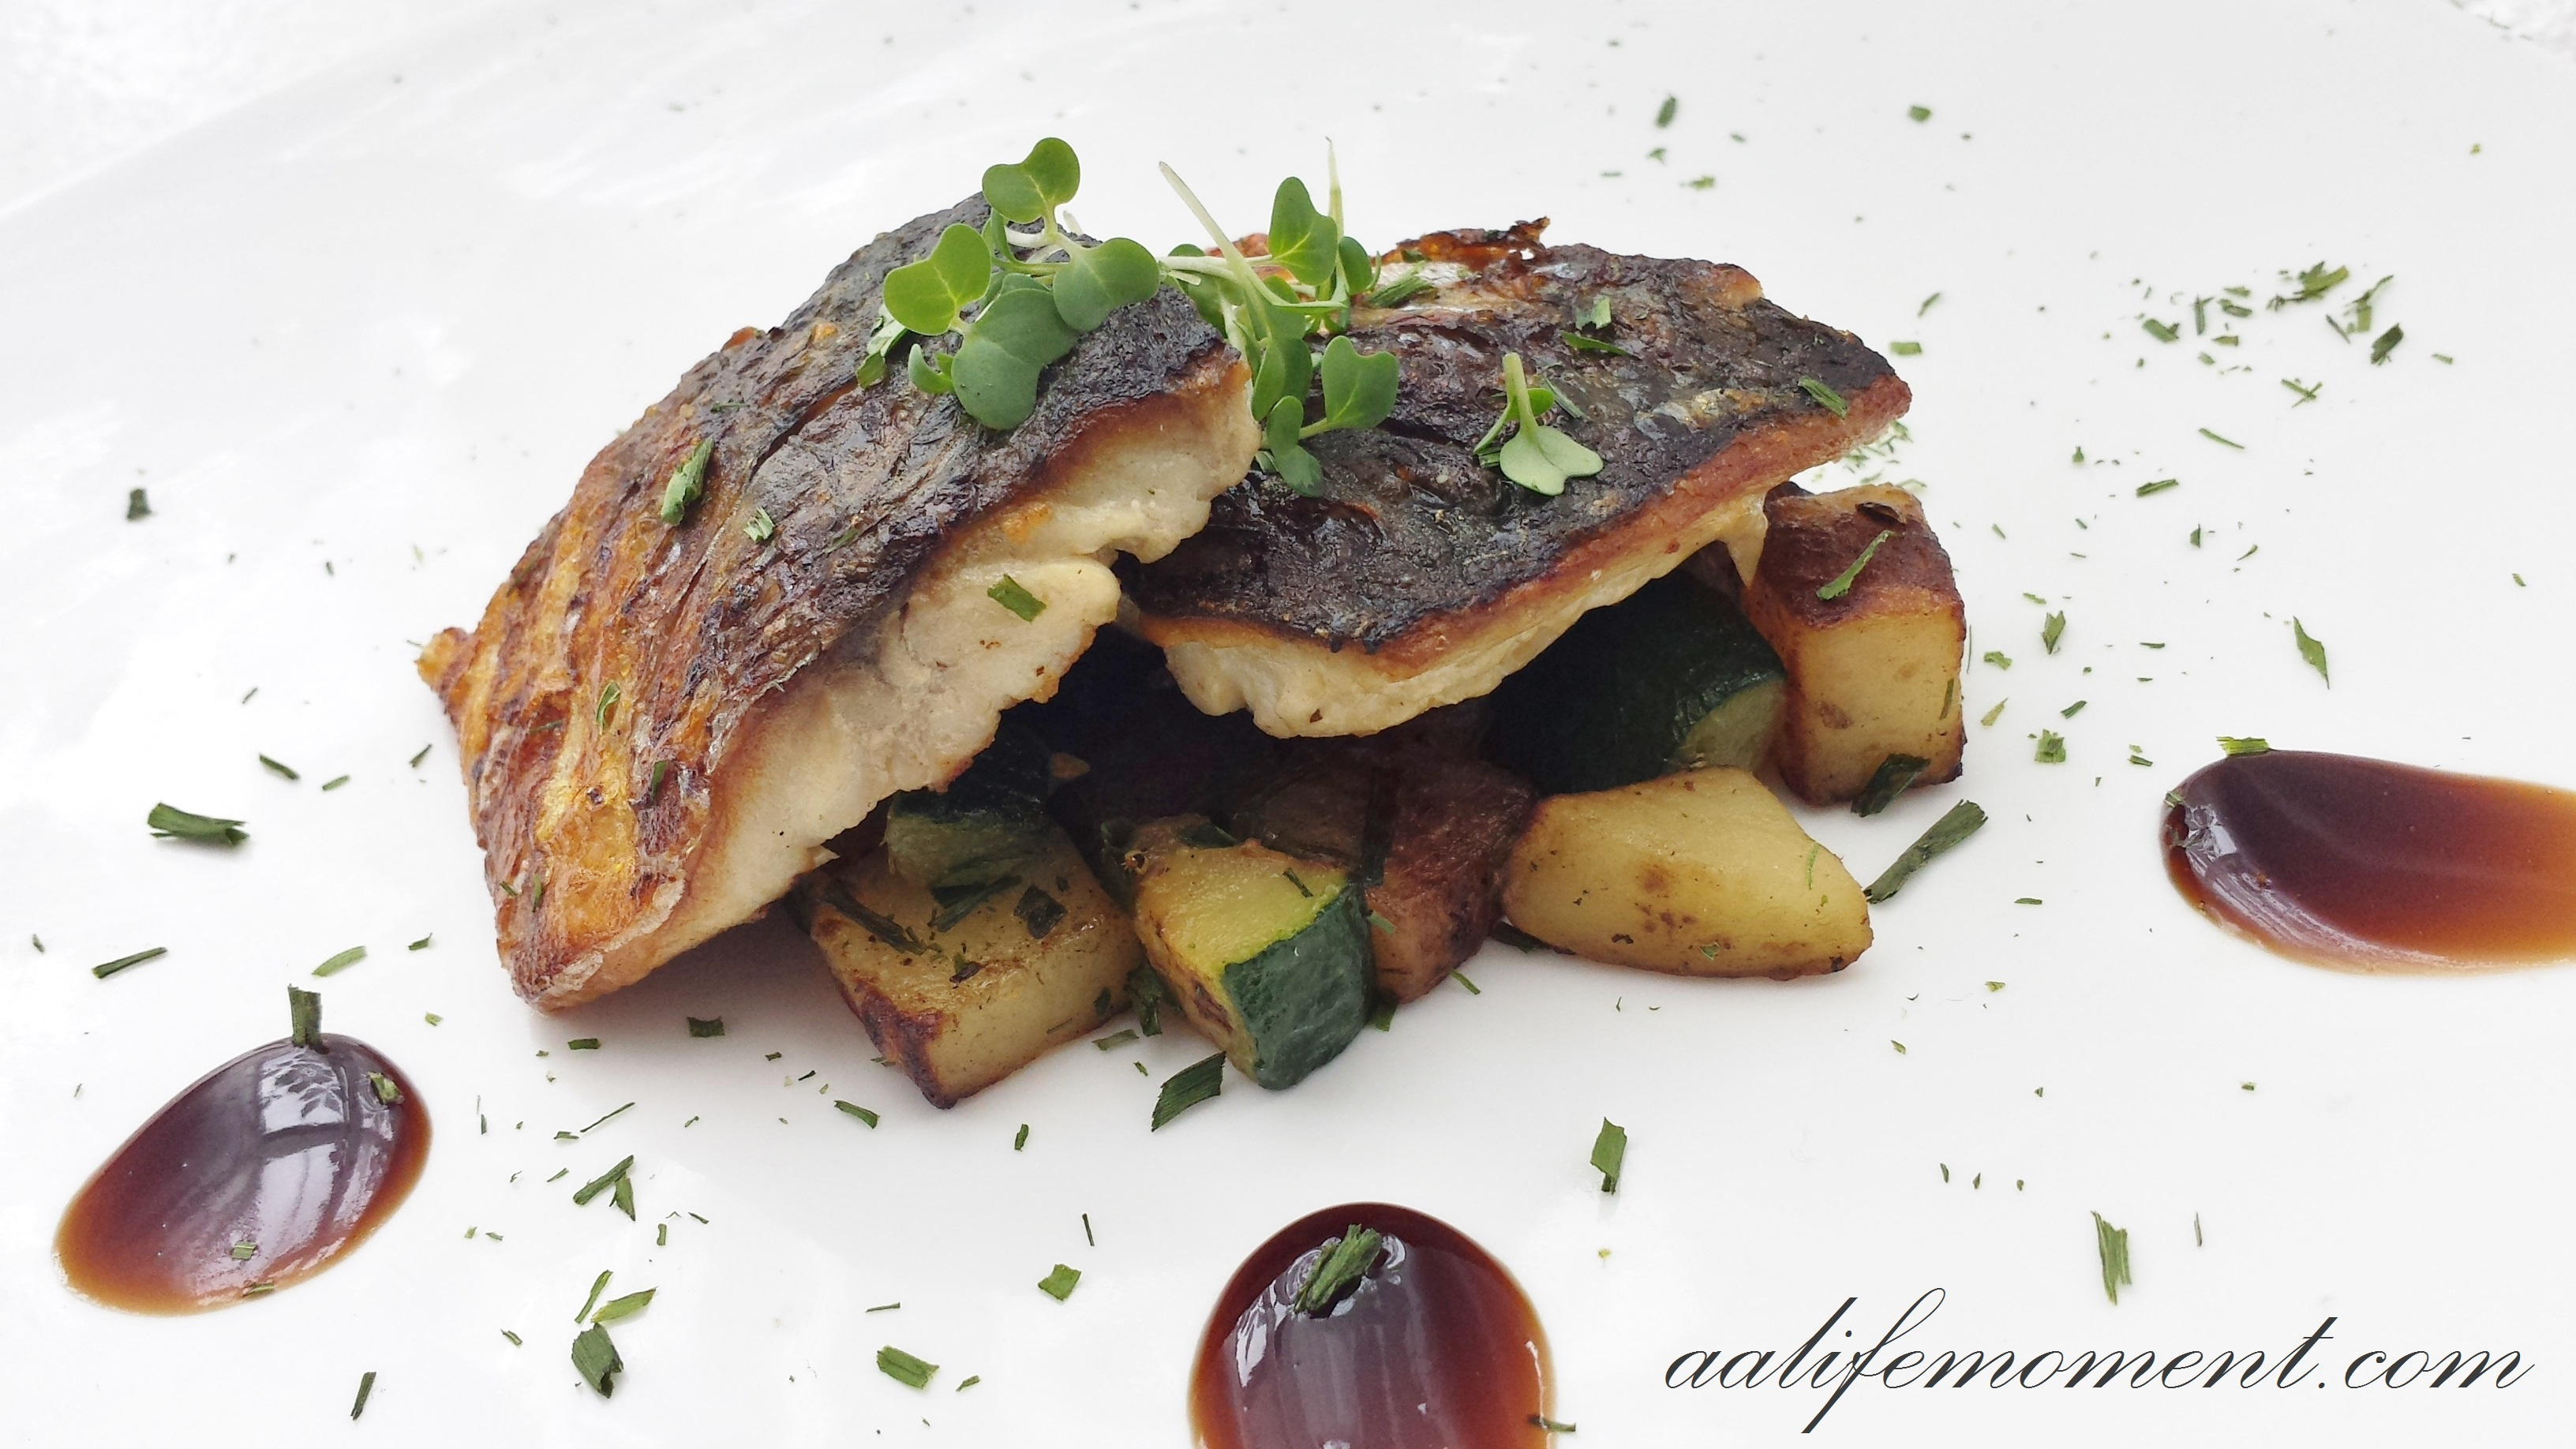 Grilled Fish - Mackerel